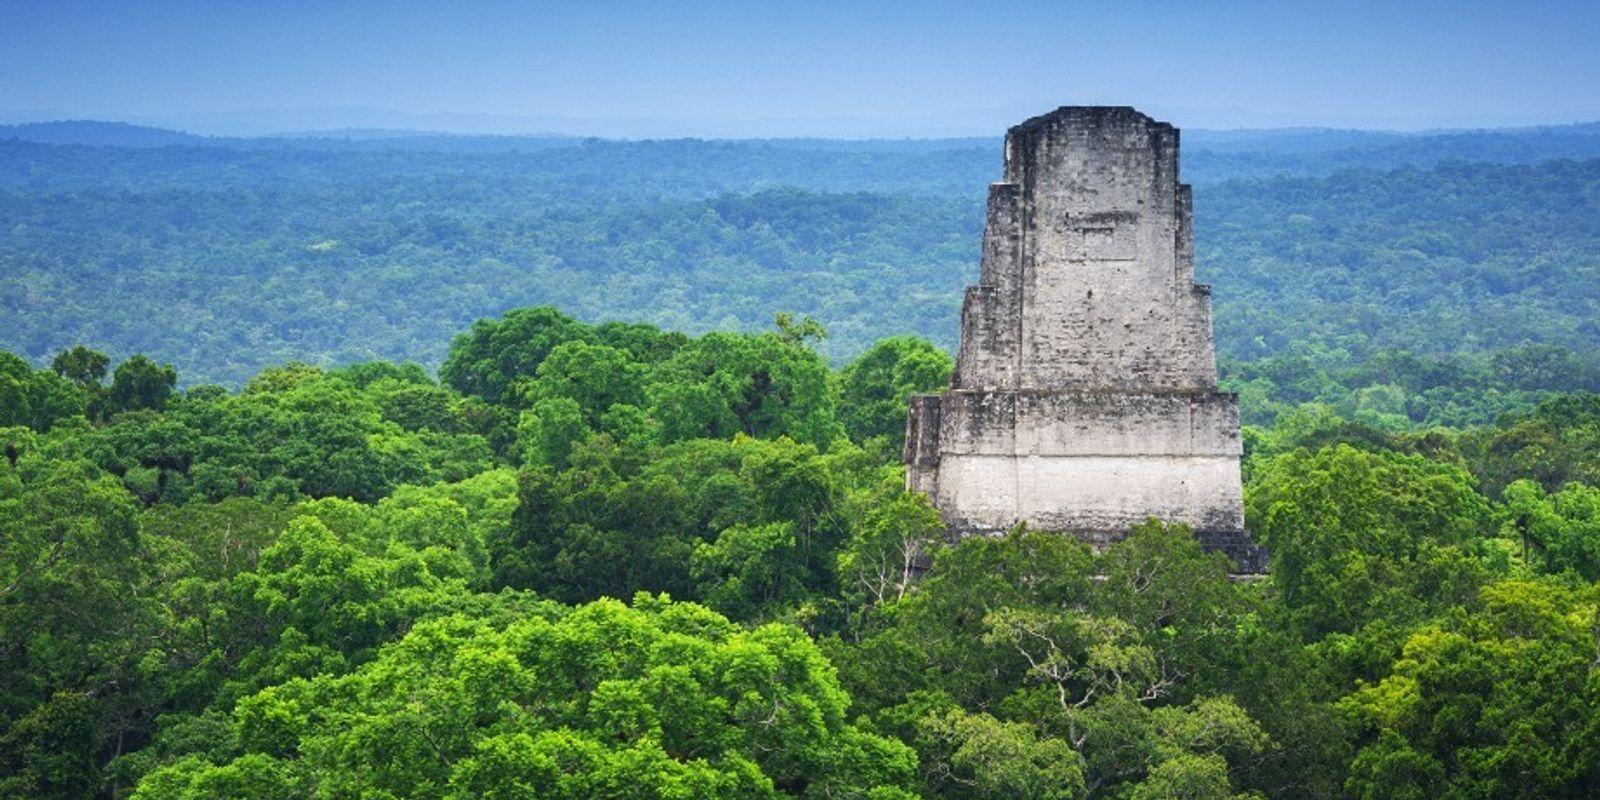 Guatemala : découverte de 60 000 vestiges mayas